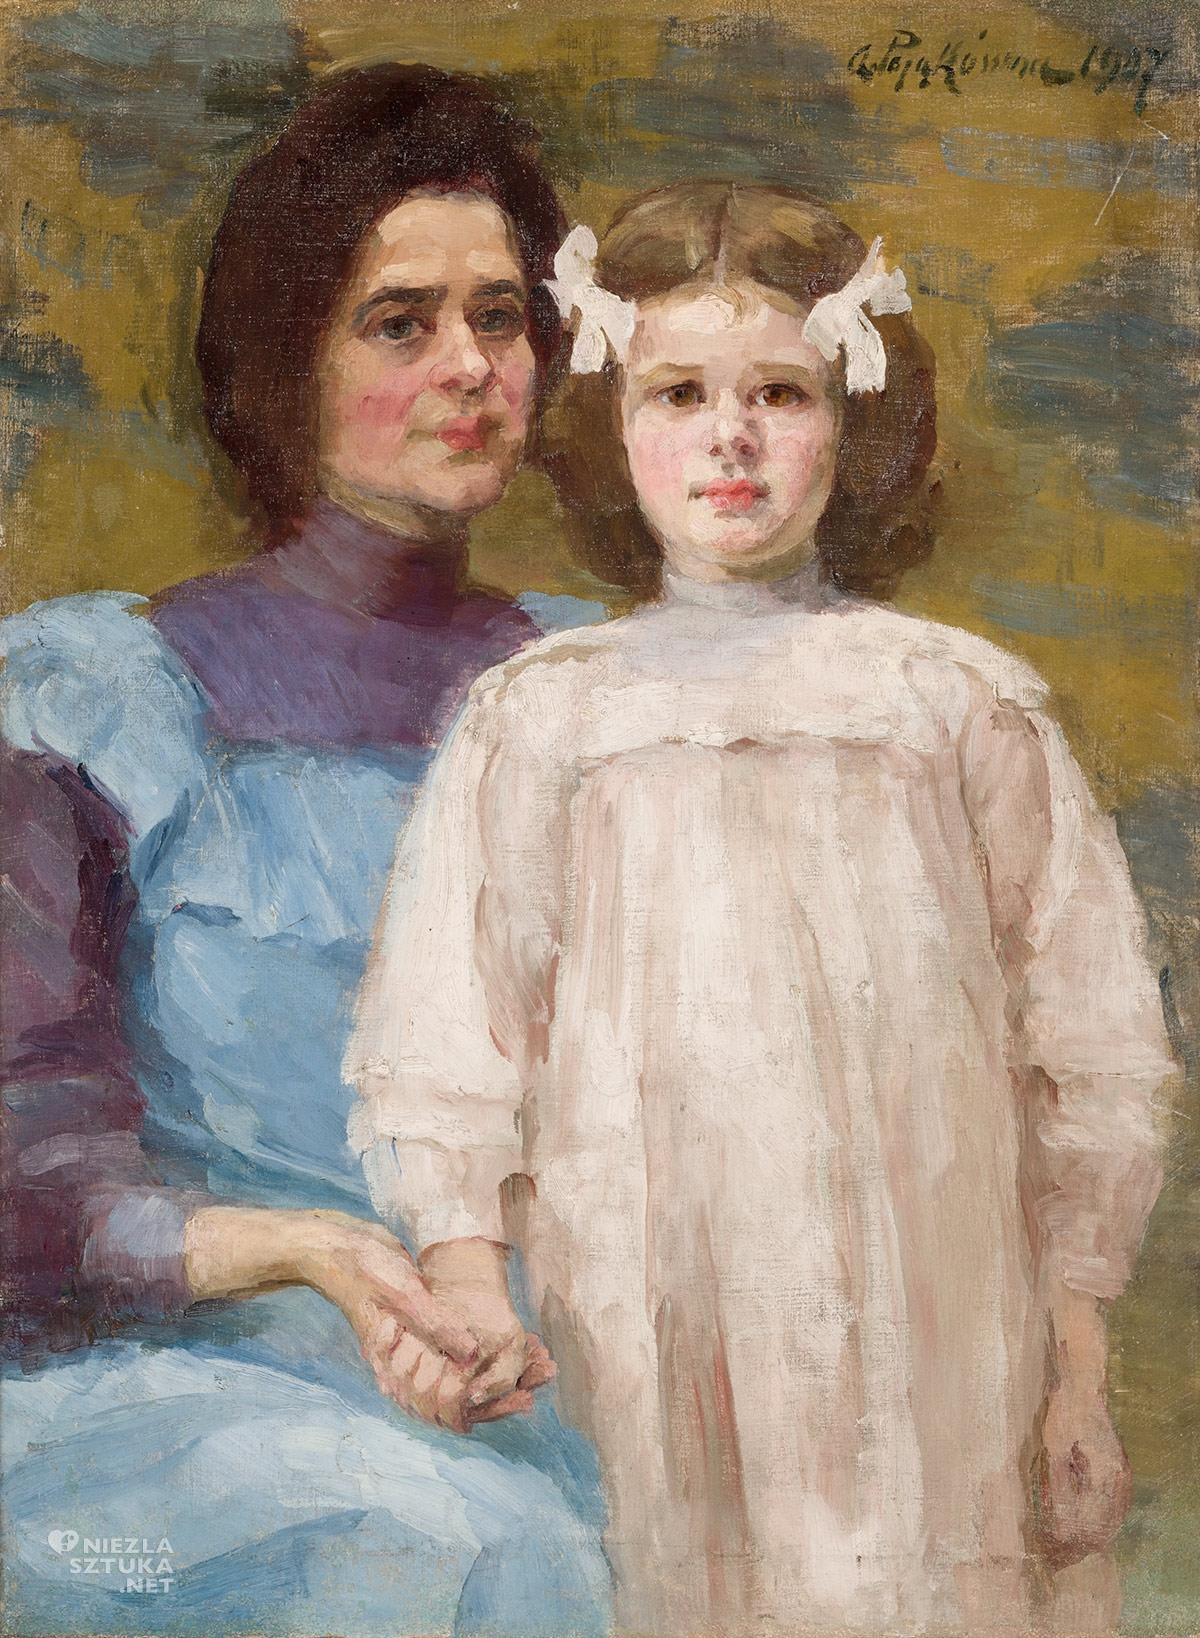 Aniela Pająkówna, Autoportret z córką, malarka, artystka, Muzeum Narodowe w Krakowie, Niezła sztuka